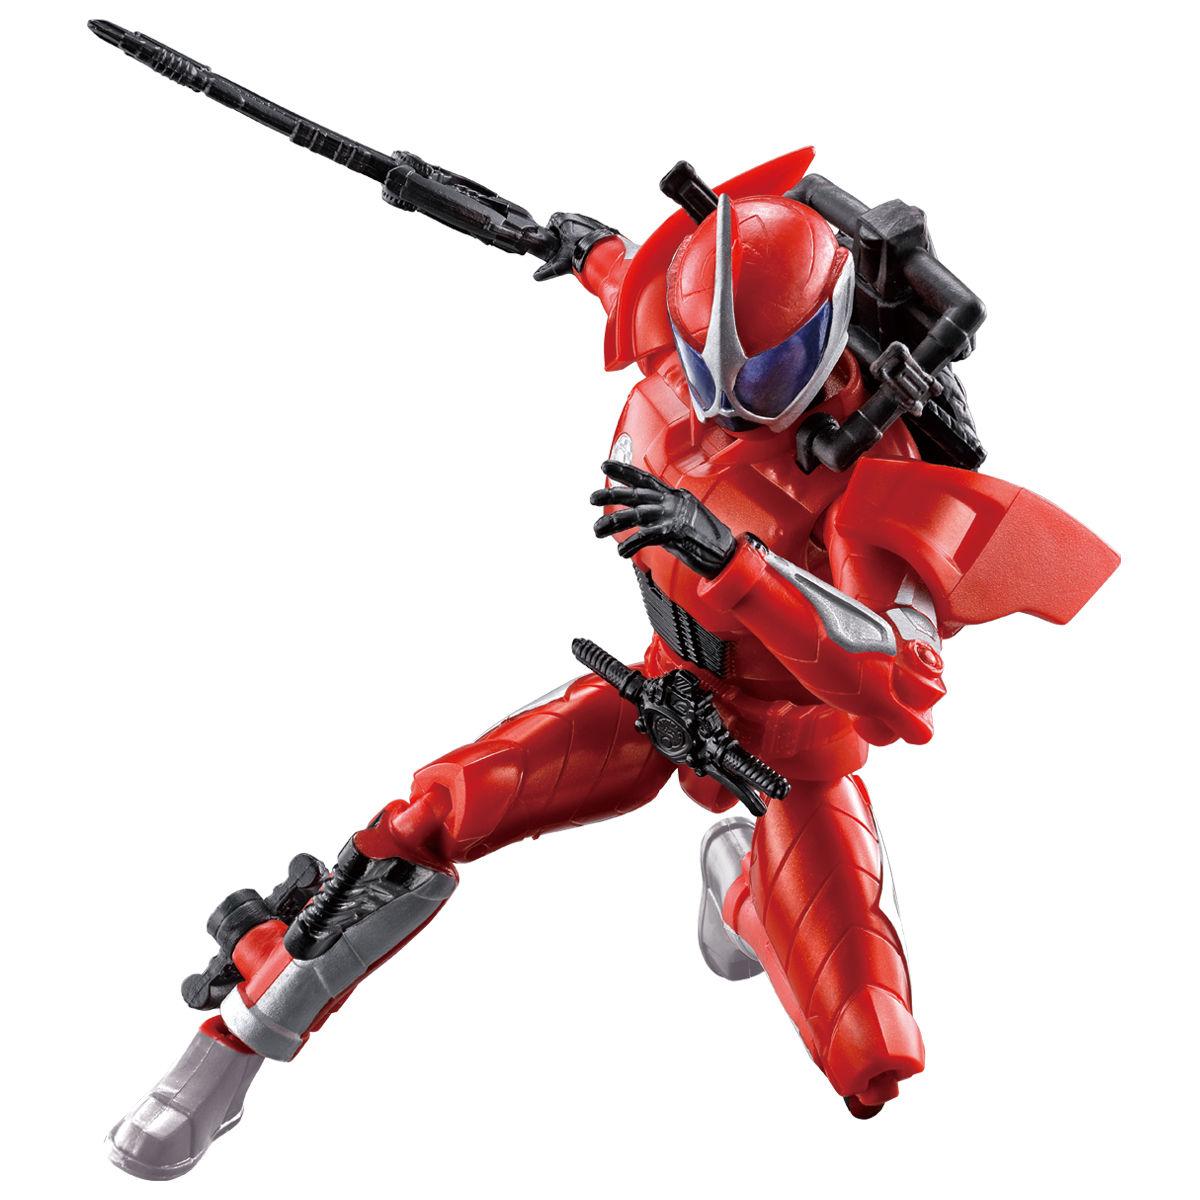 RKFレジェンドライダーシリーズ『仮面ライダーアクセル』可動フィギュア-002